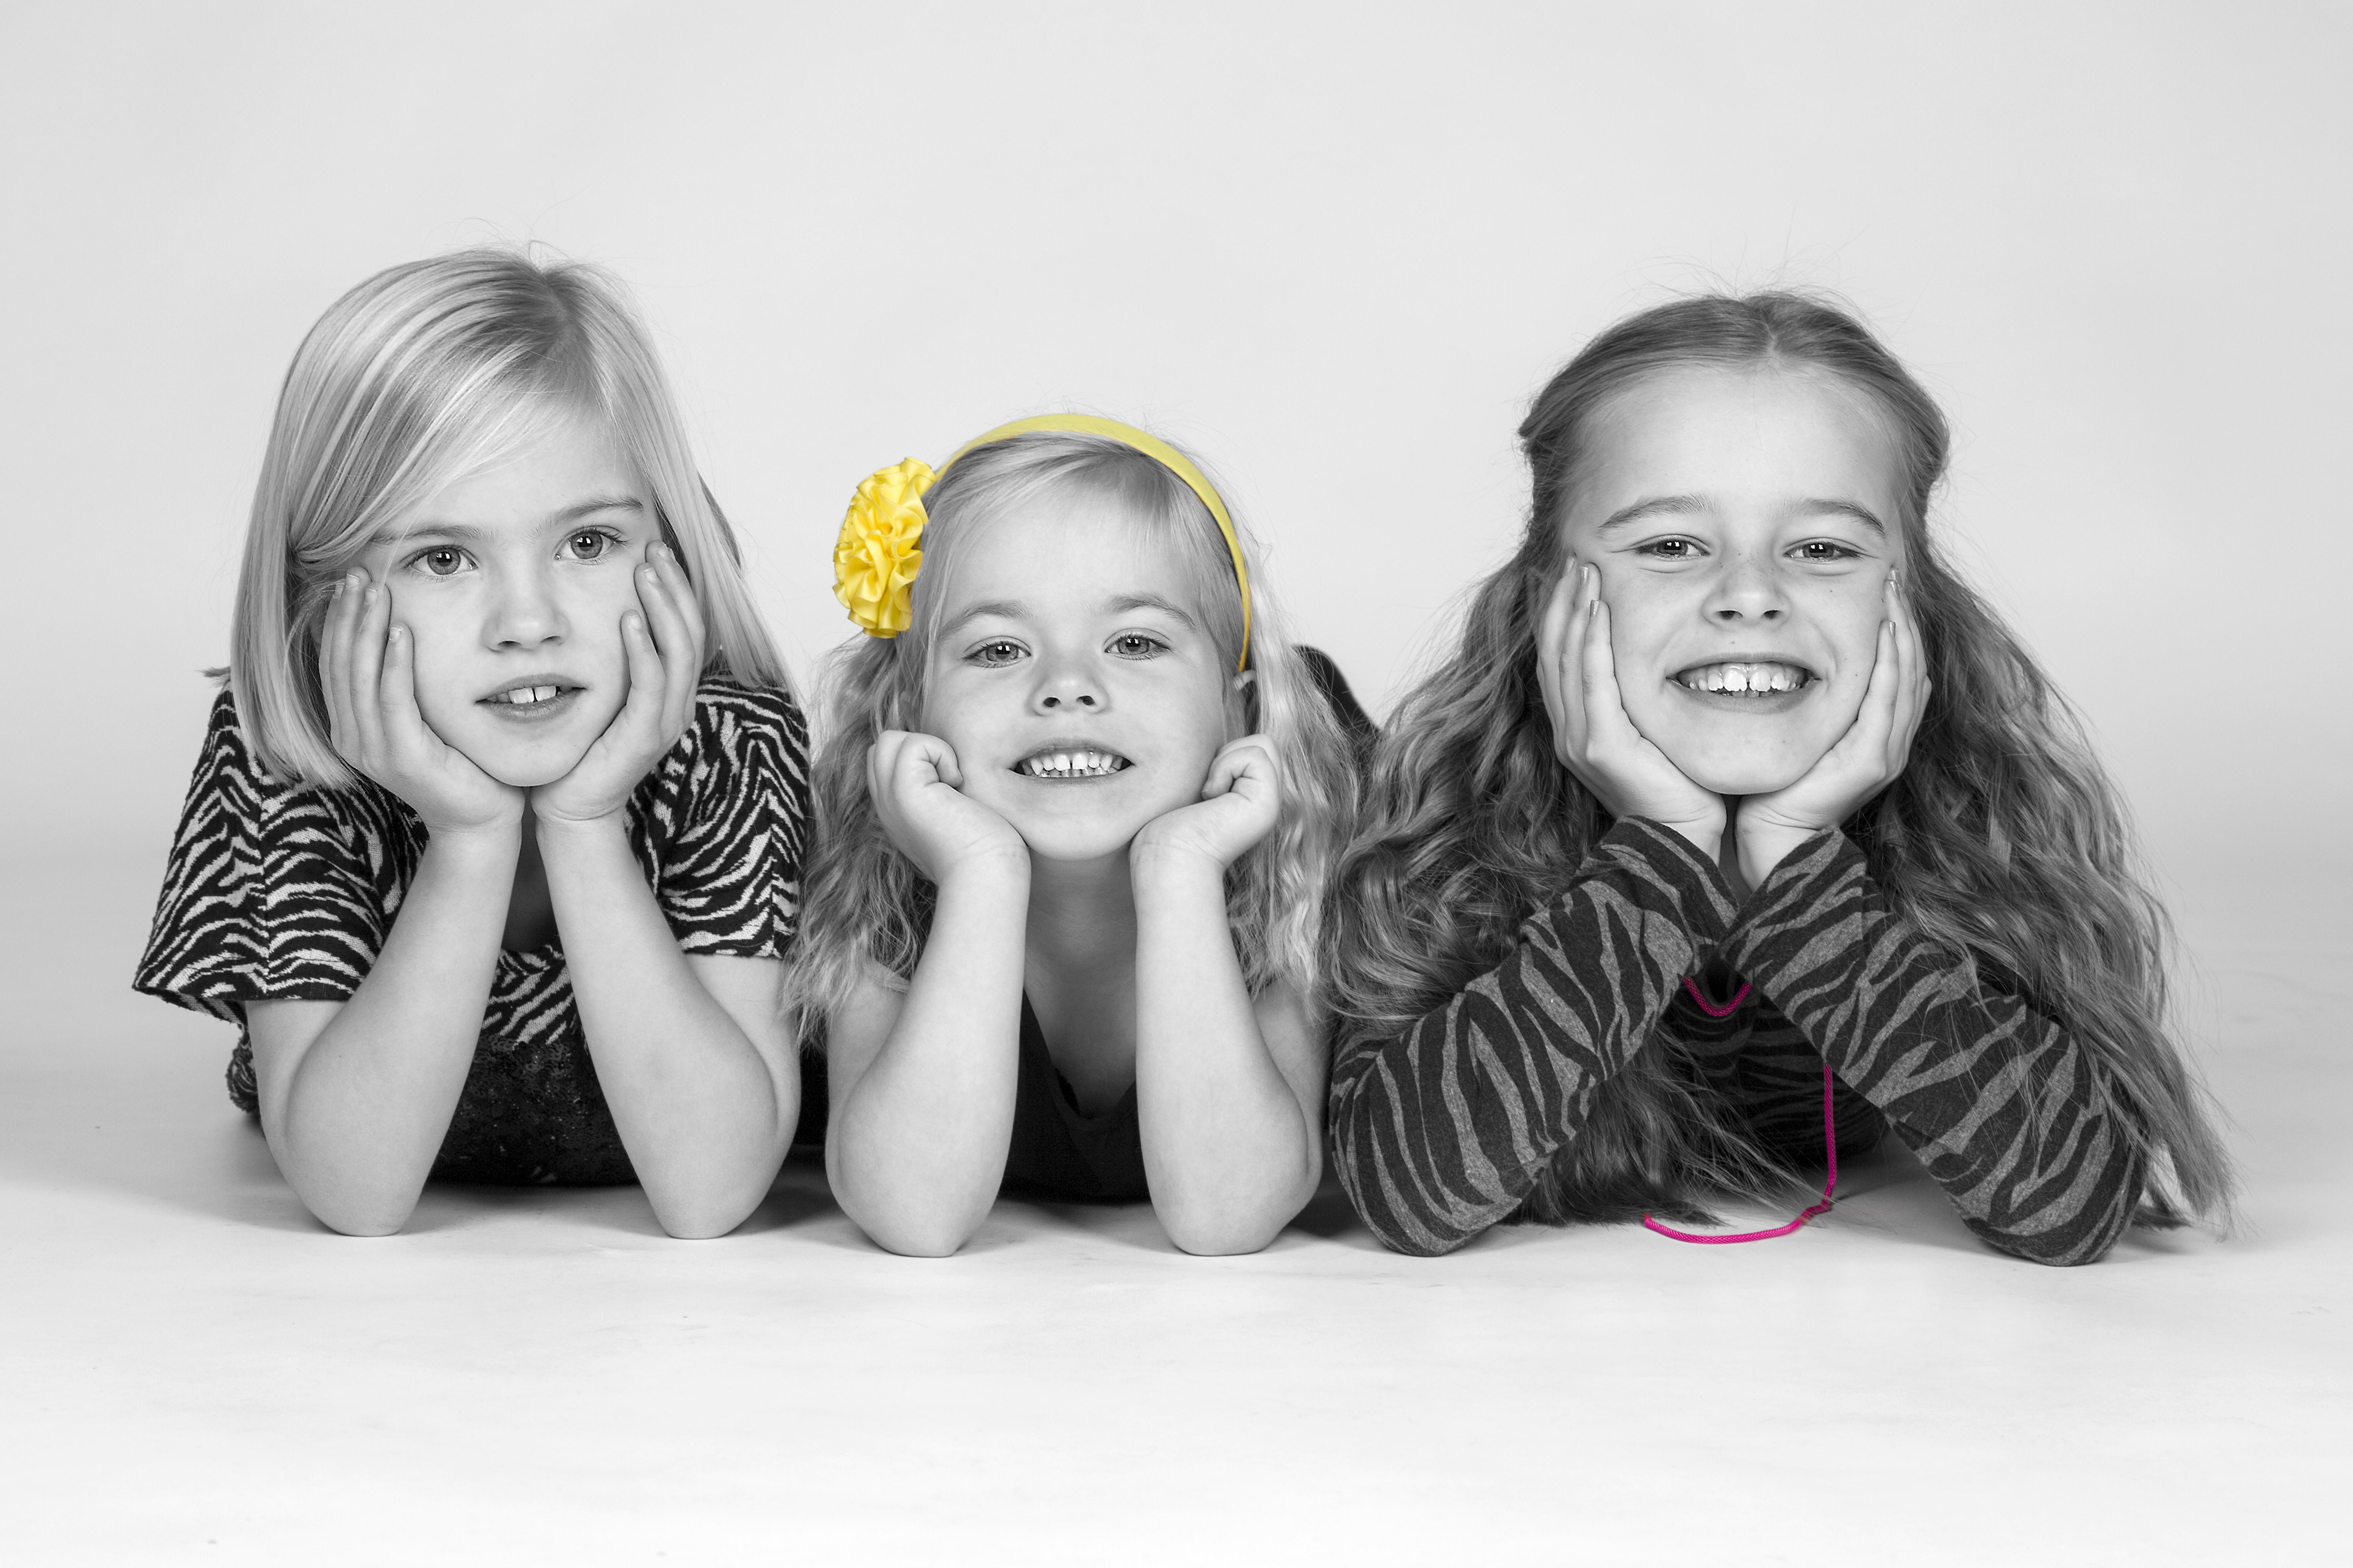 Børnefotografi - 3 piger sort-hvid med farve